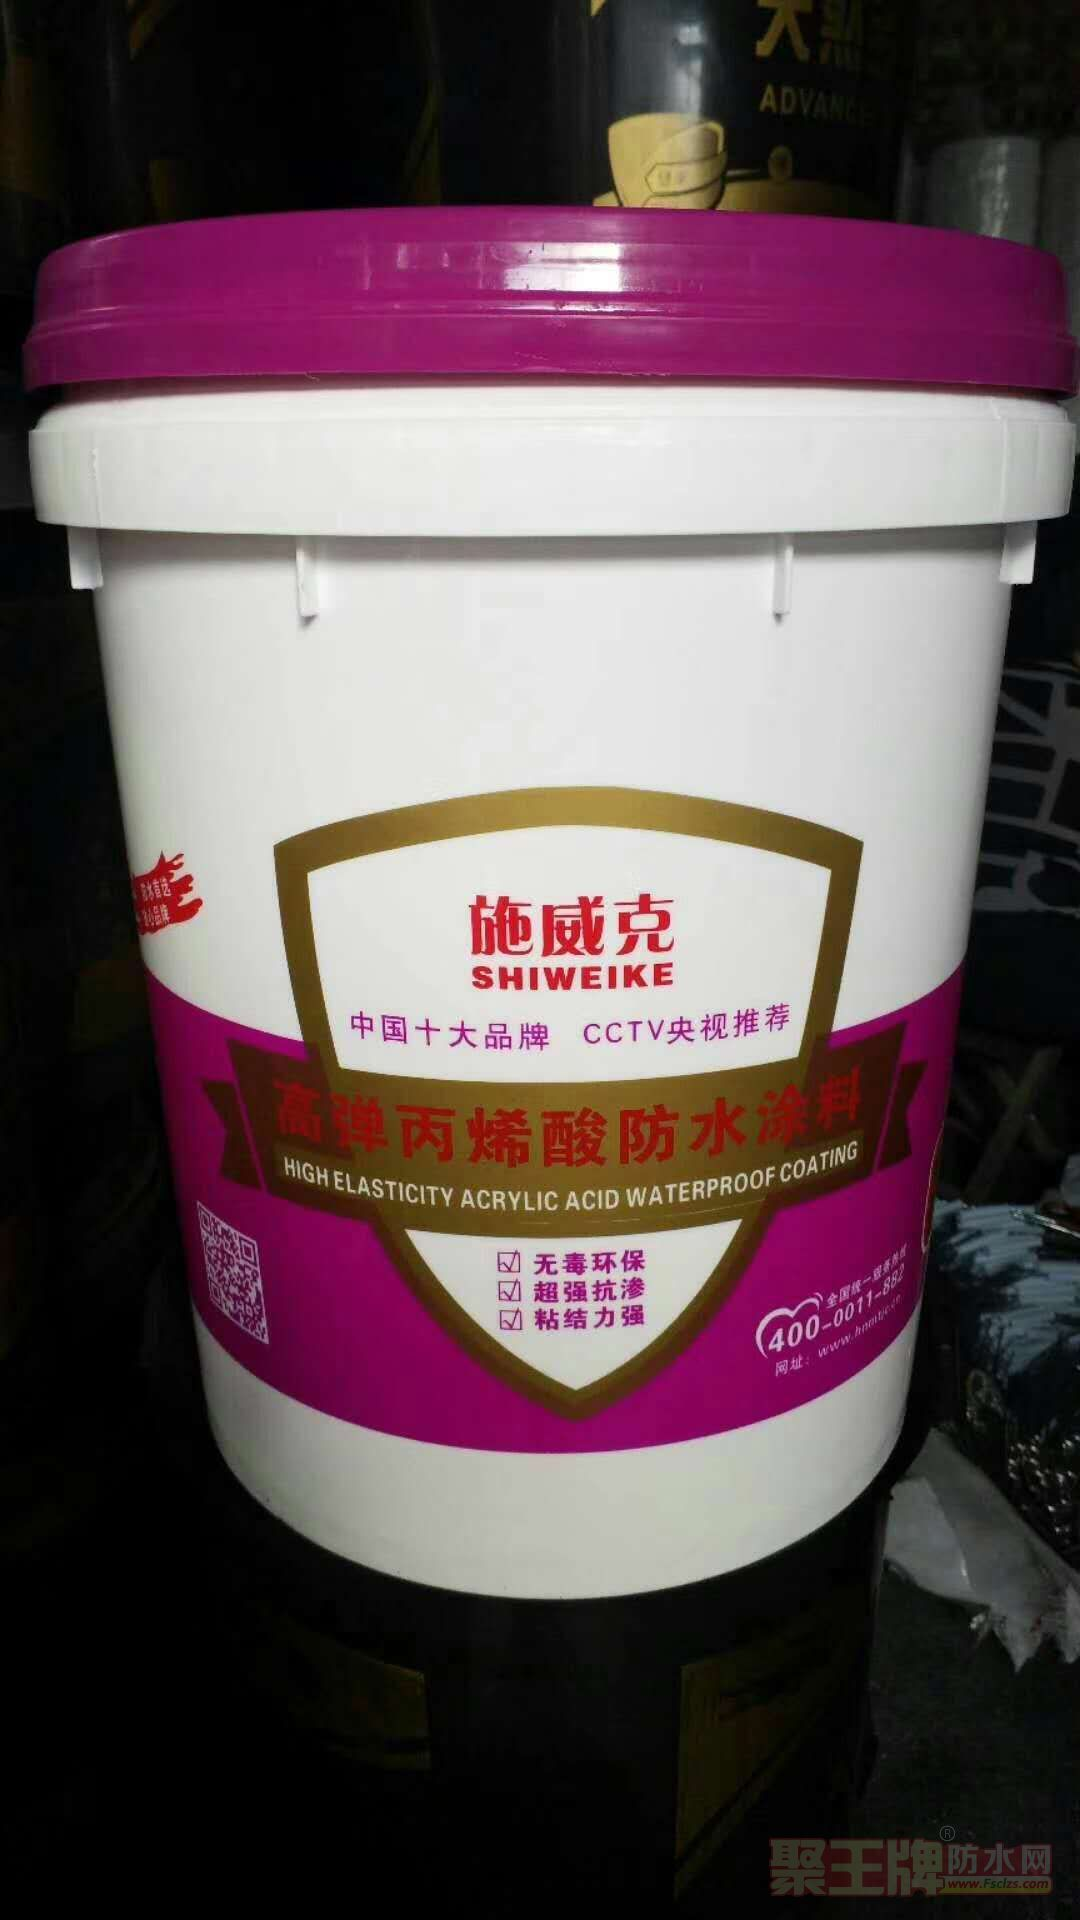 彩钢瓦隔热防水防嗮 丙烯酸防水涂料施威克